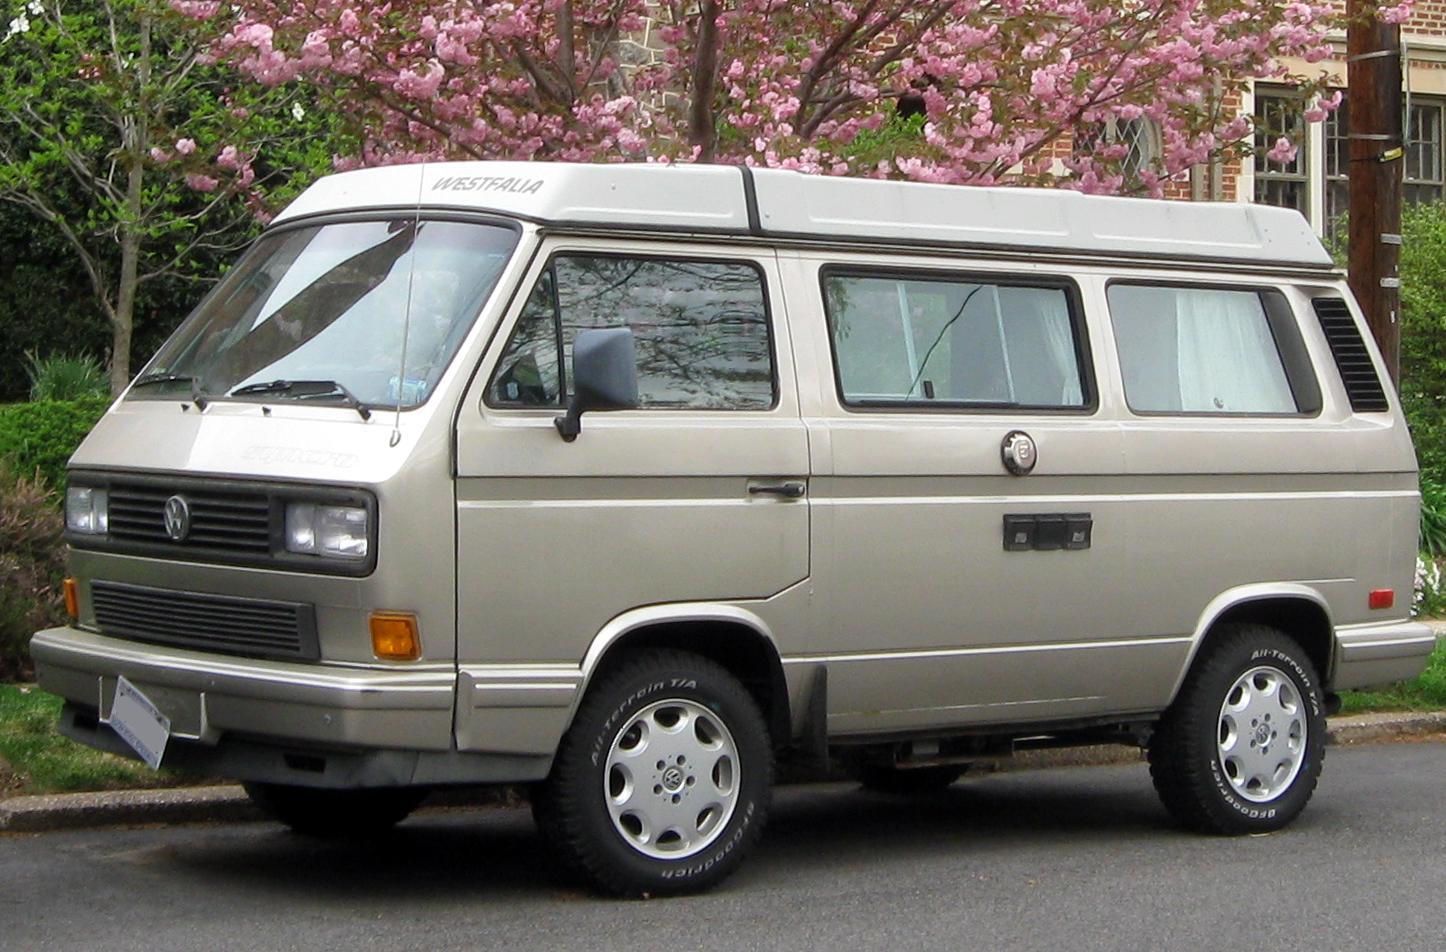 A Volkswagen Westfalia